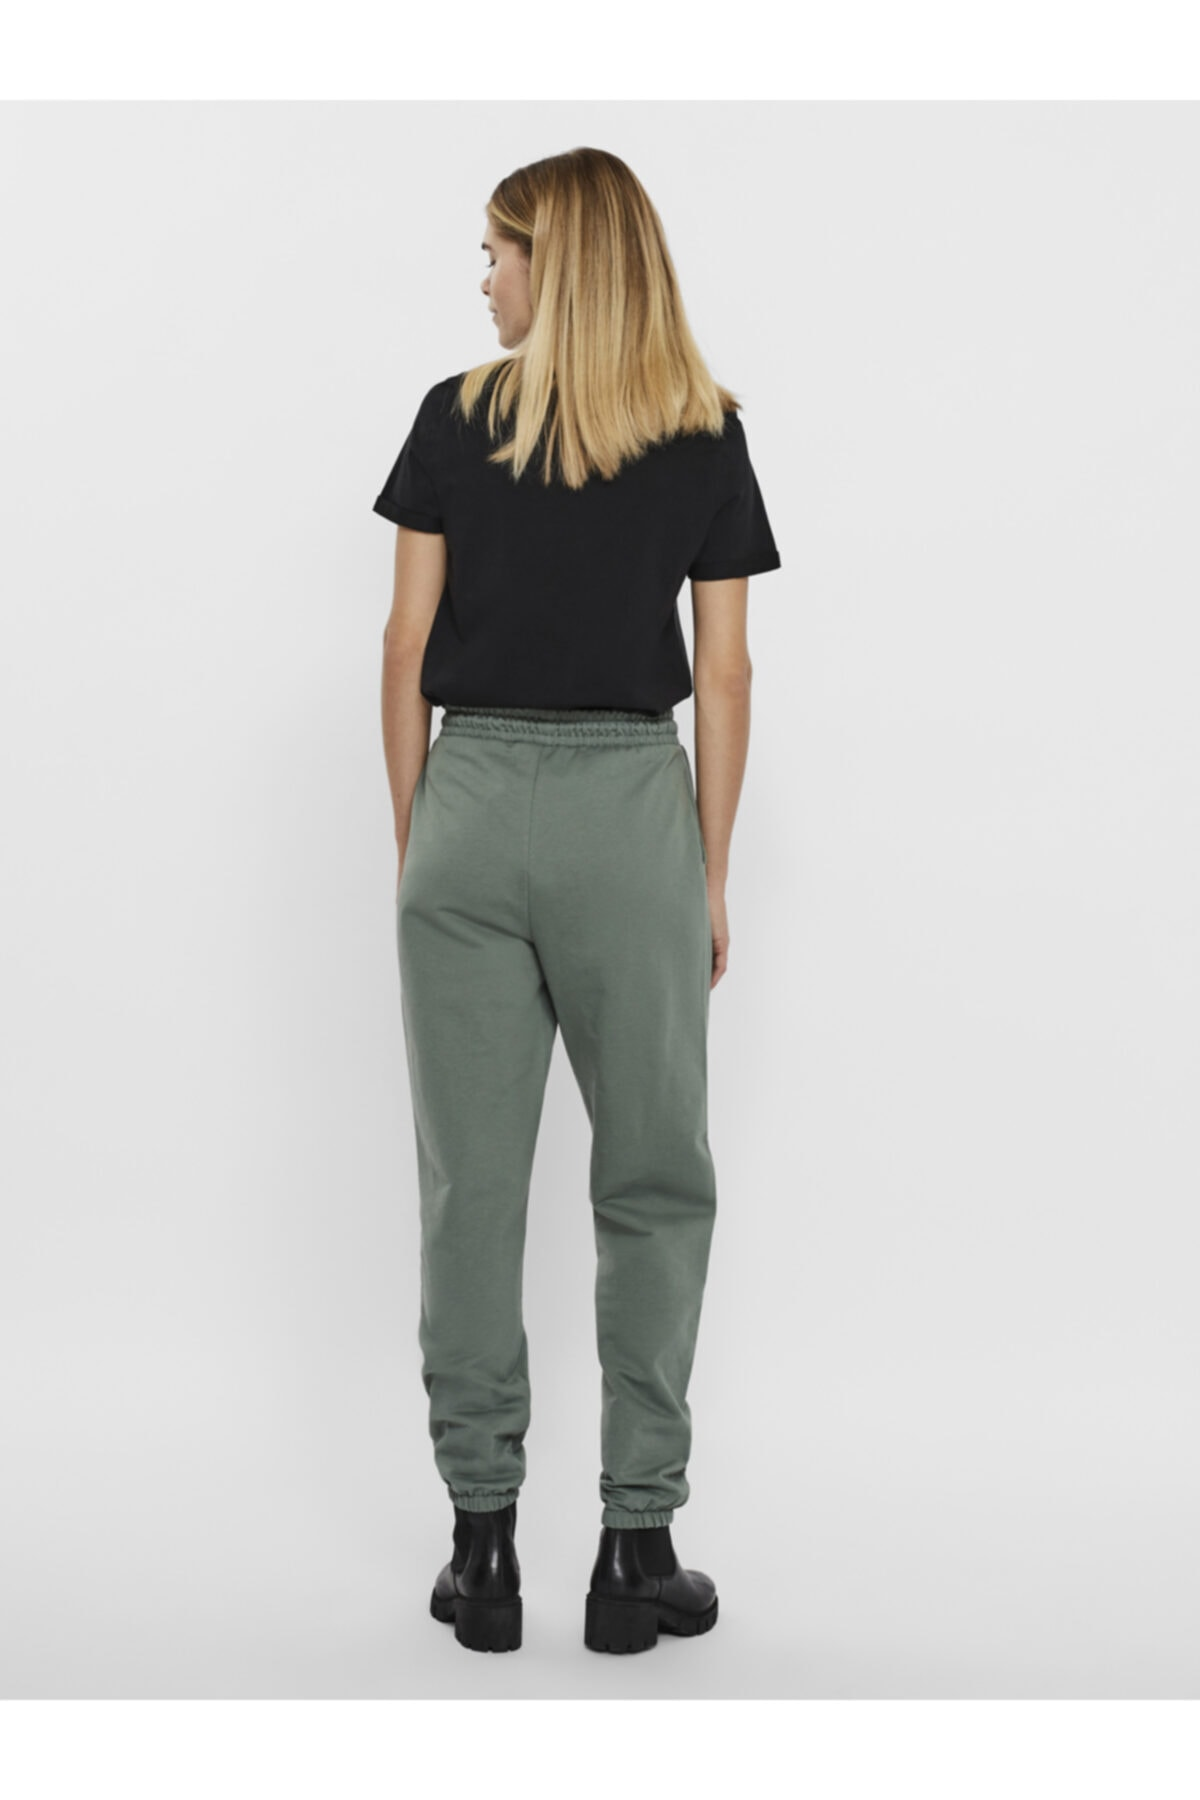 Vero Moda Kadın Yeşil Paçası Lastikli Yüksek Bel  Pantolon 2